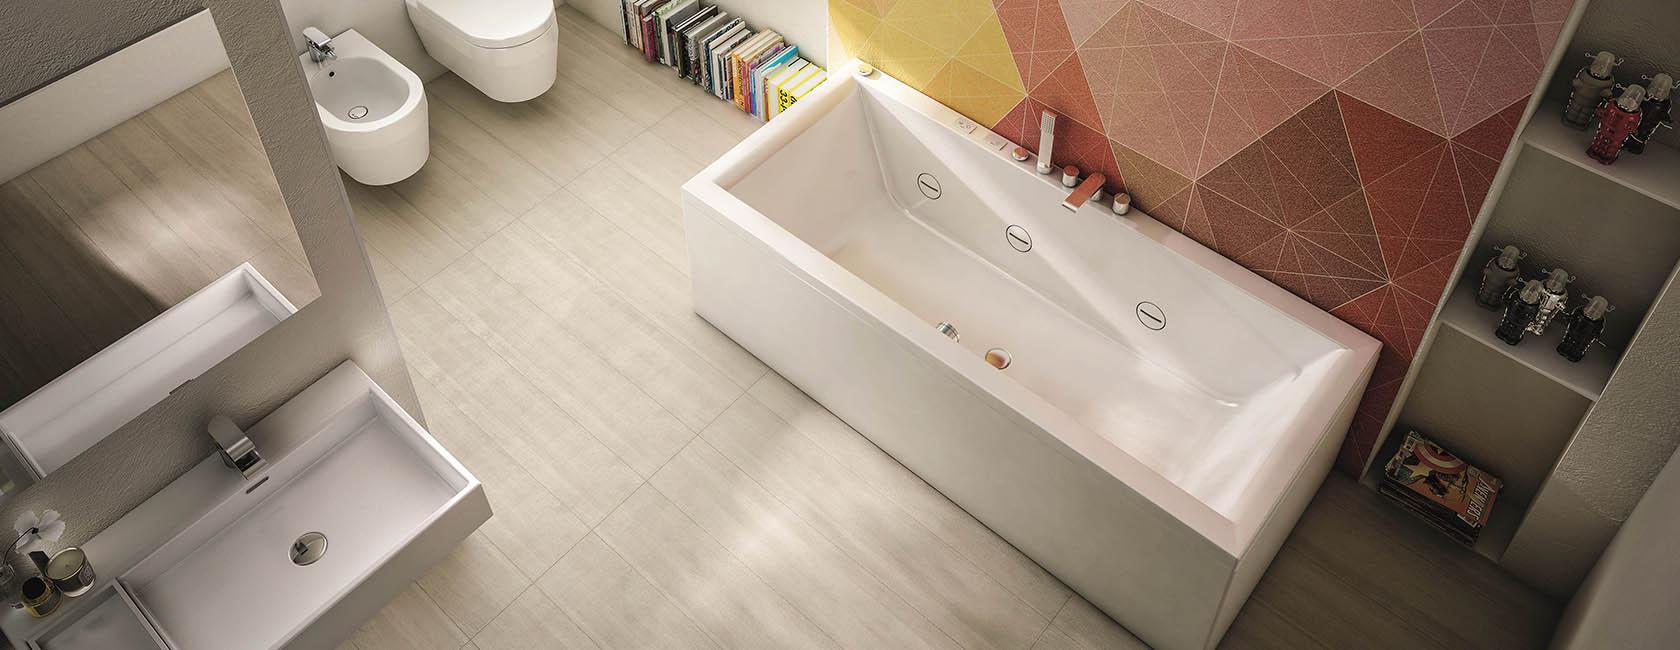 Come scegliere la vasca da bagno - Bagnolandia